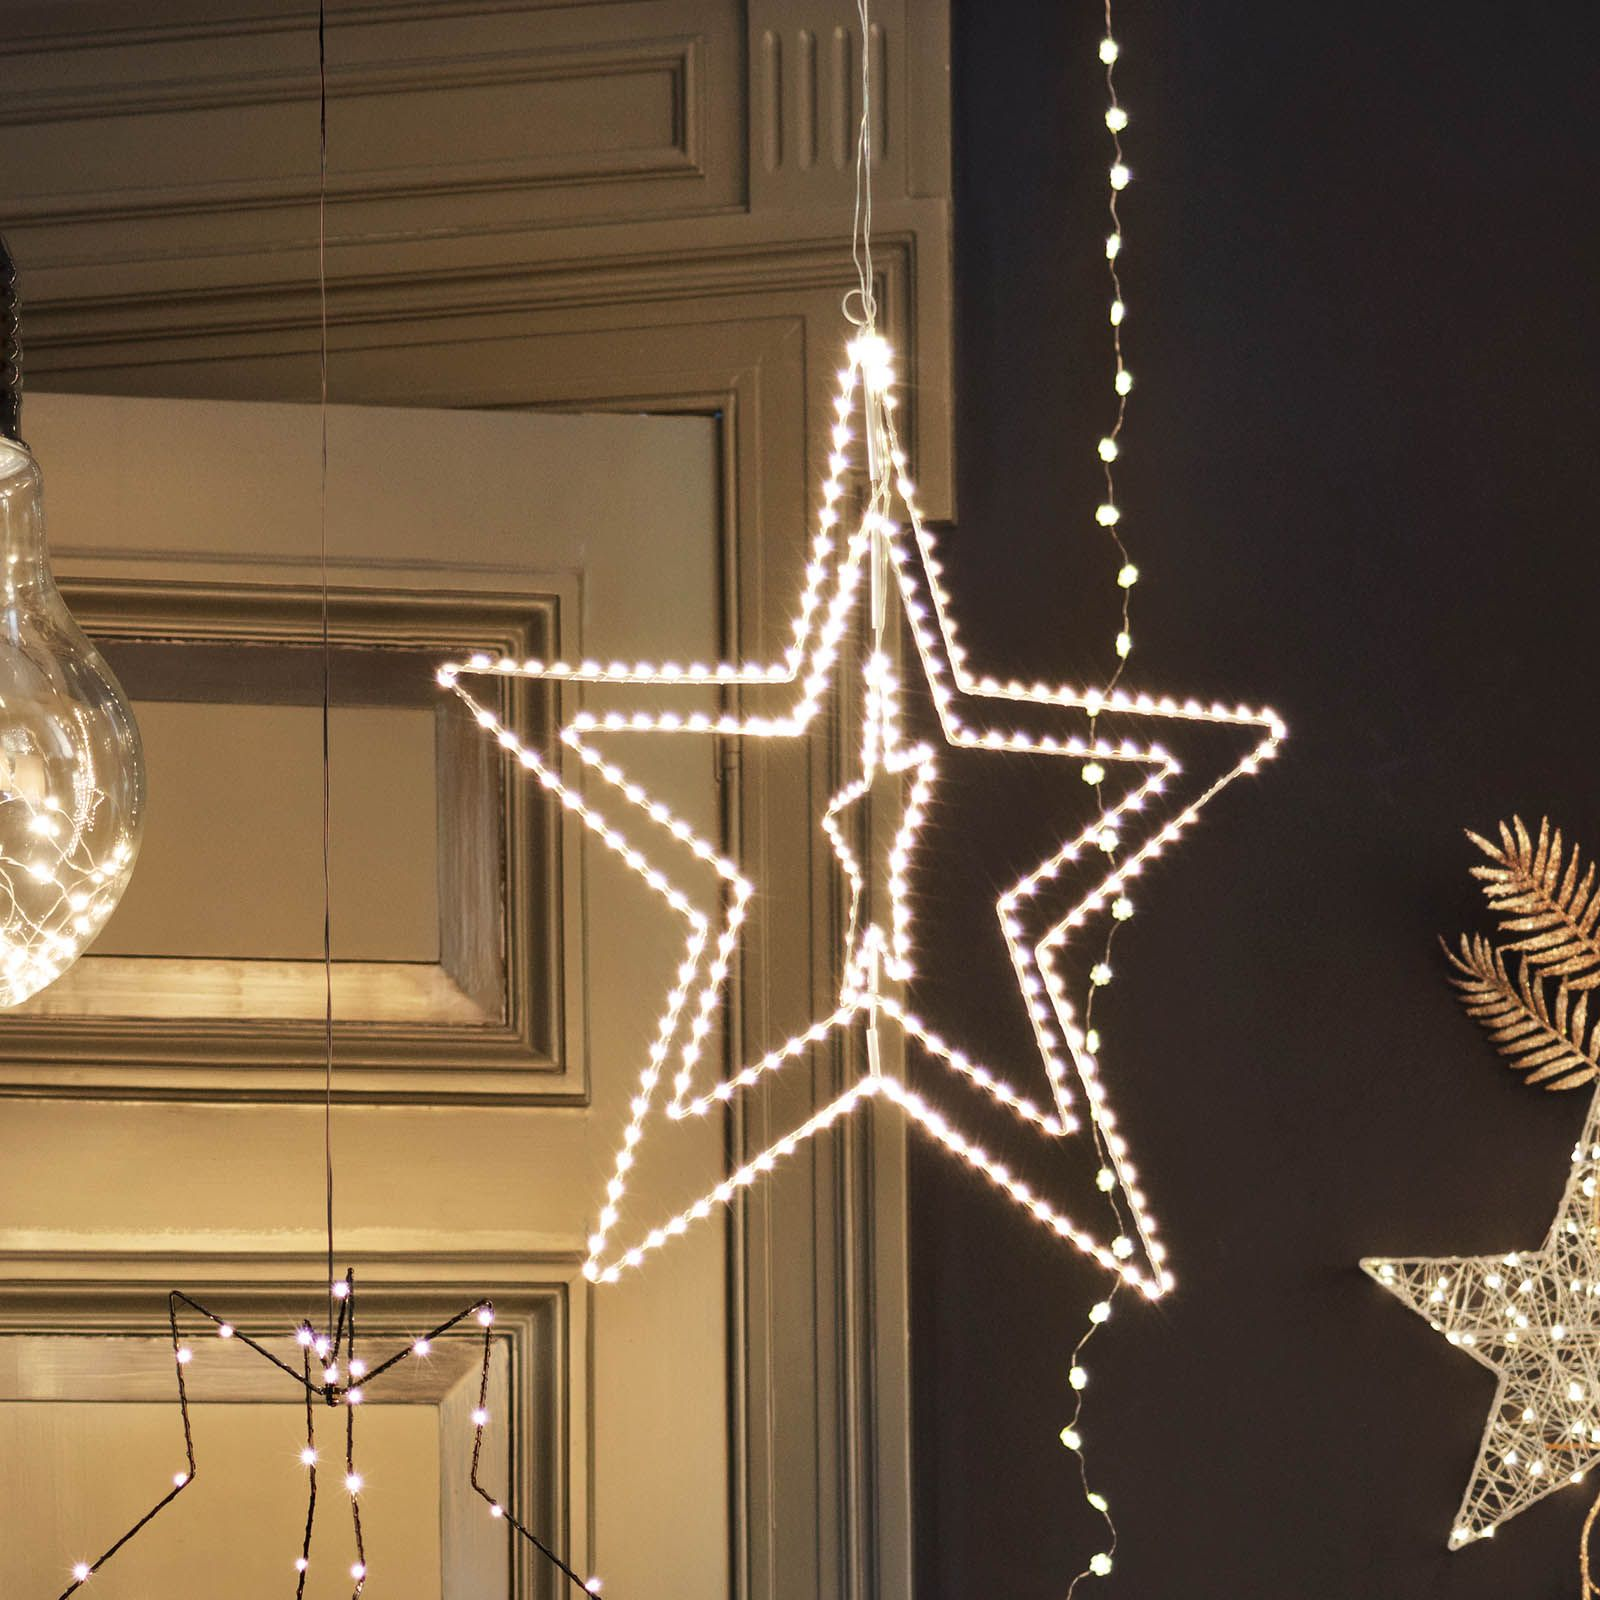 Depot Weihnachtsbeleuchtung.Mit Schönen Lichtobjekten An Weihnachten Und In Der Adventszeit Für